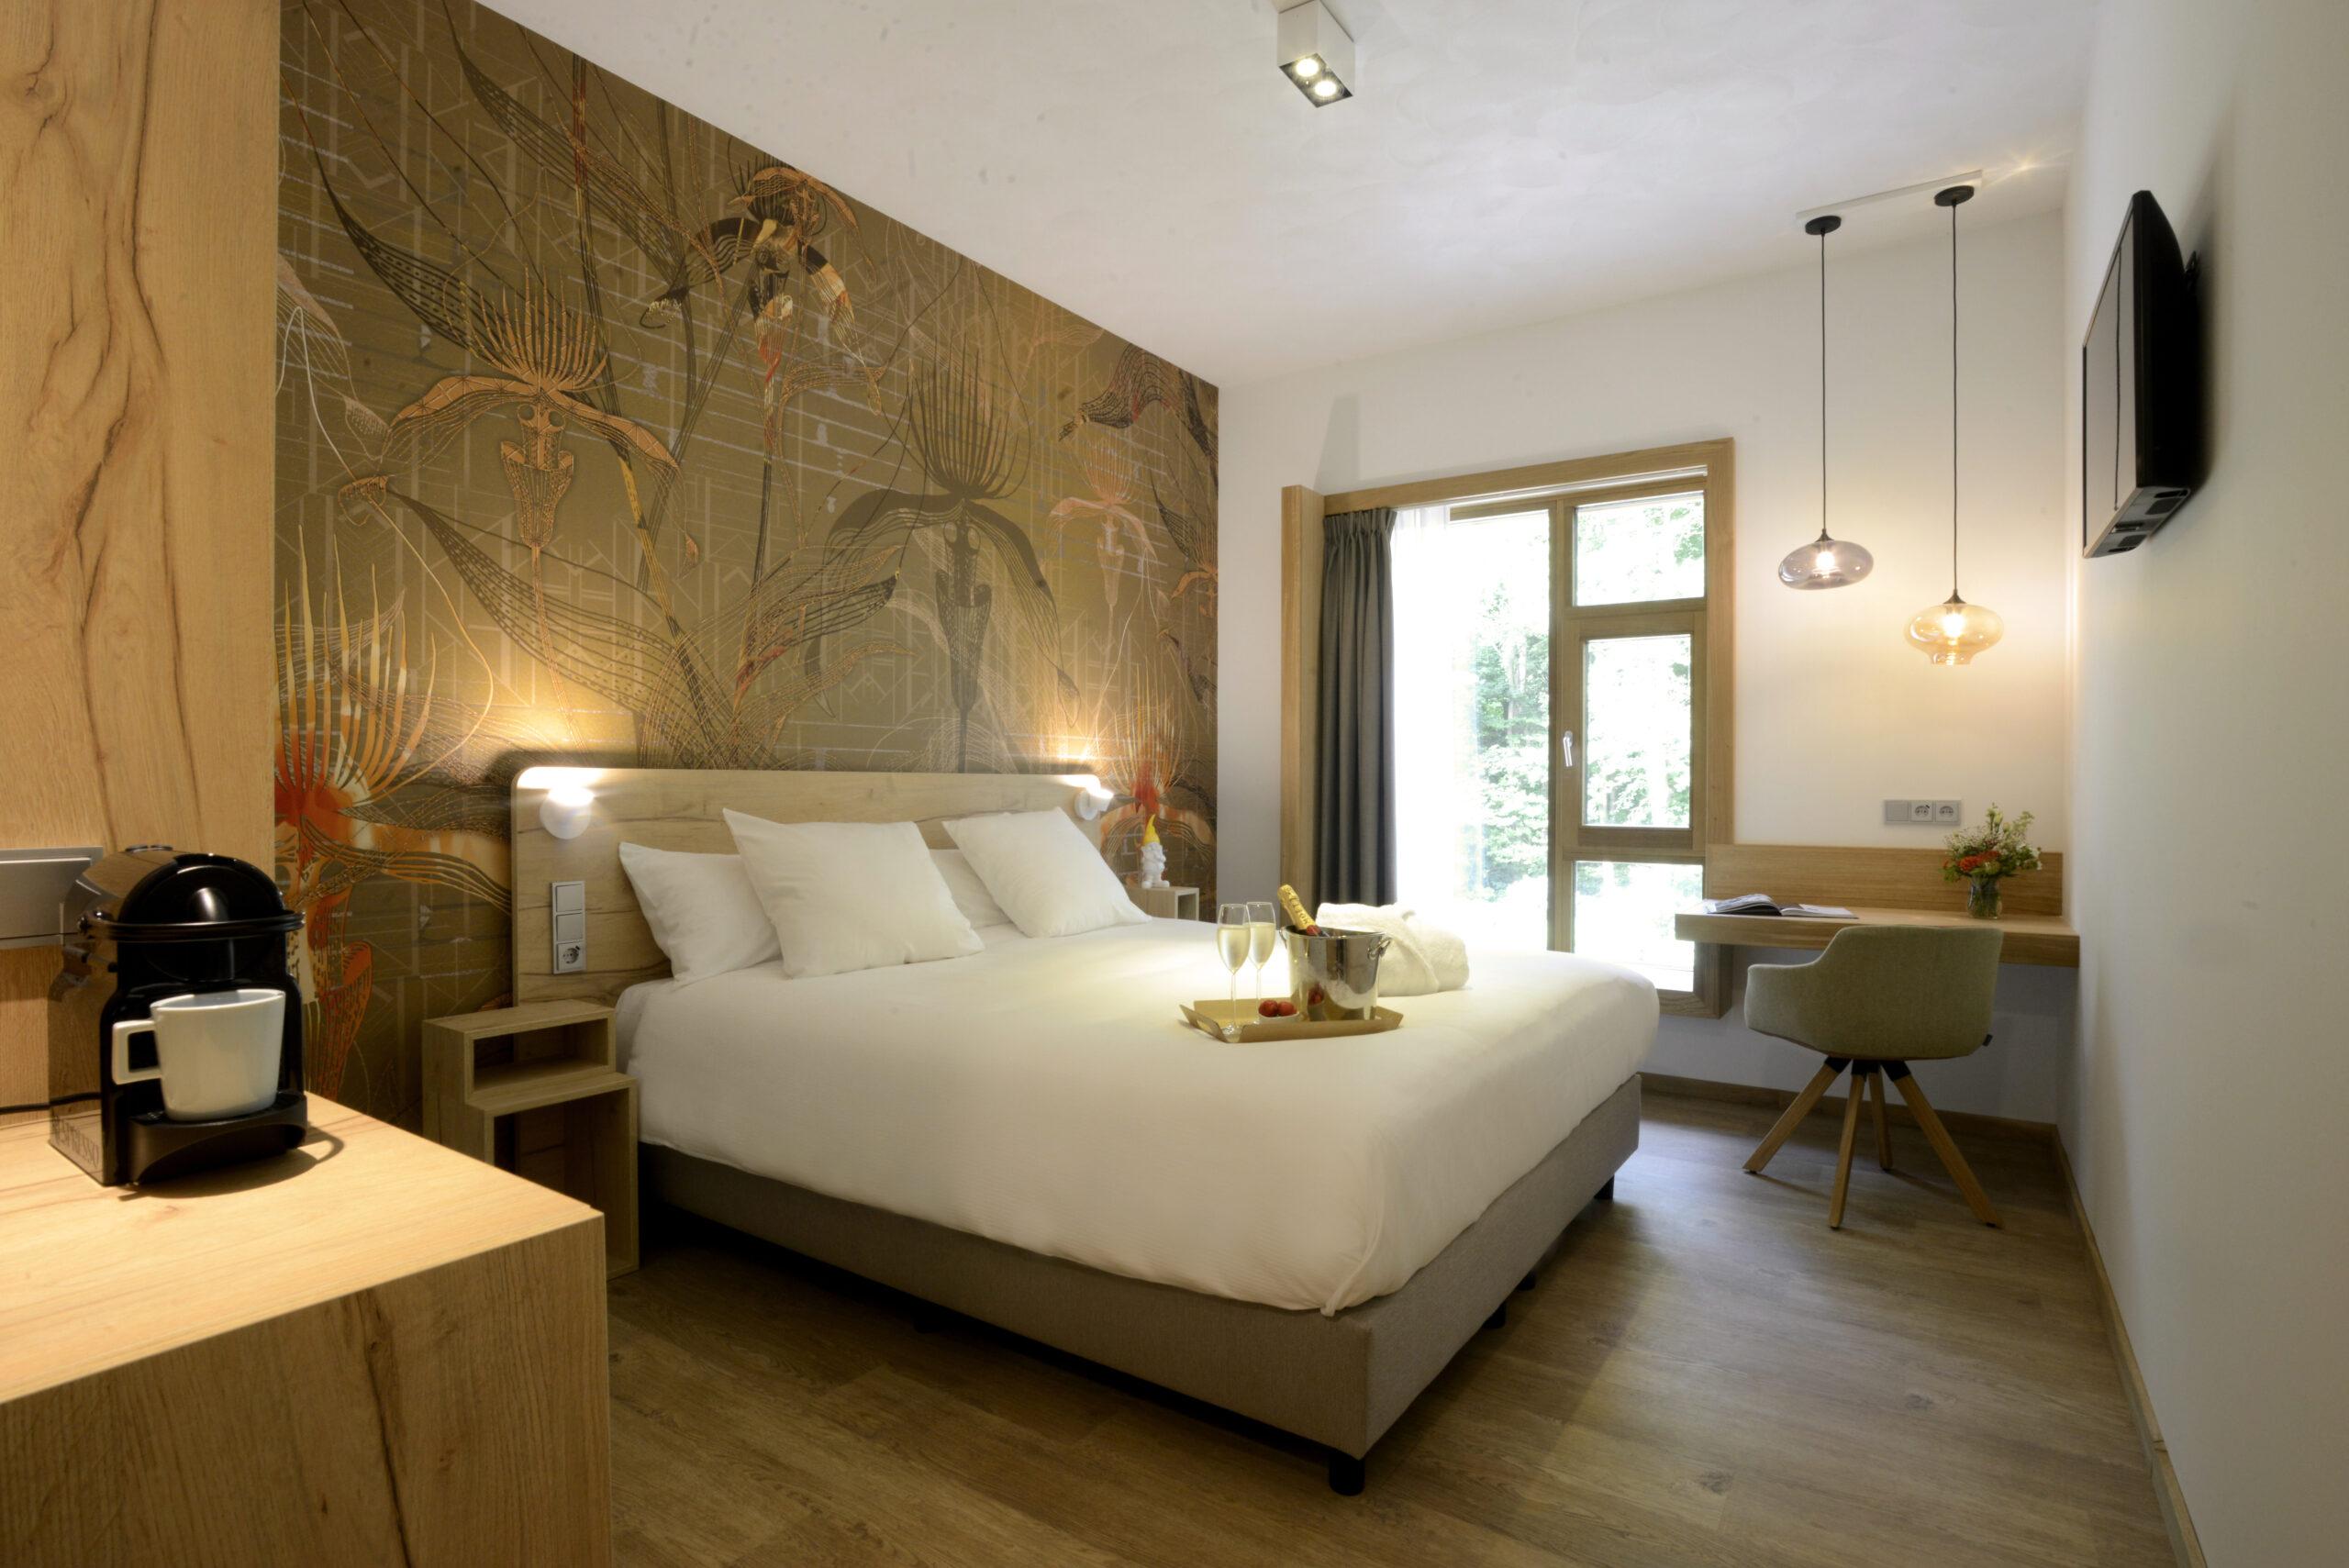 Landgoed Huize Bergen_Hotelkamer_de Botanica_Geel